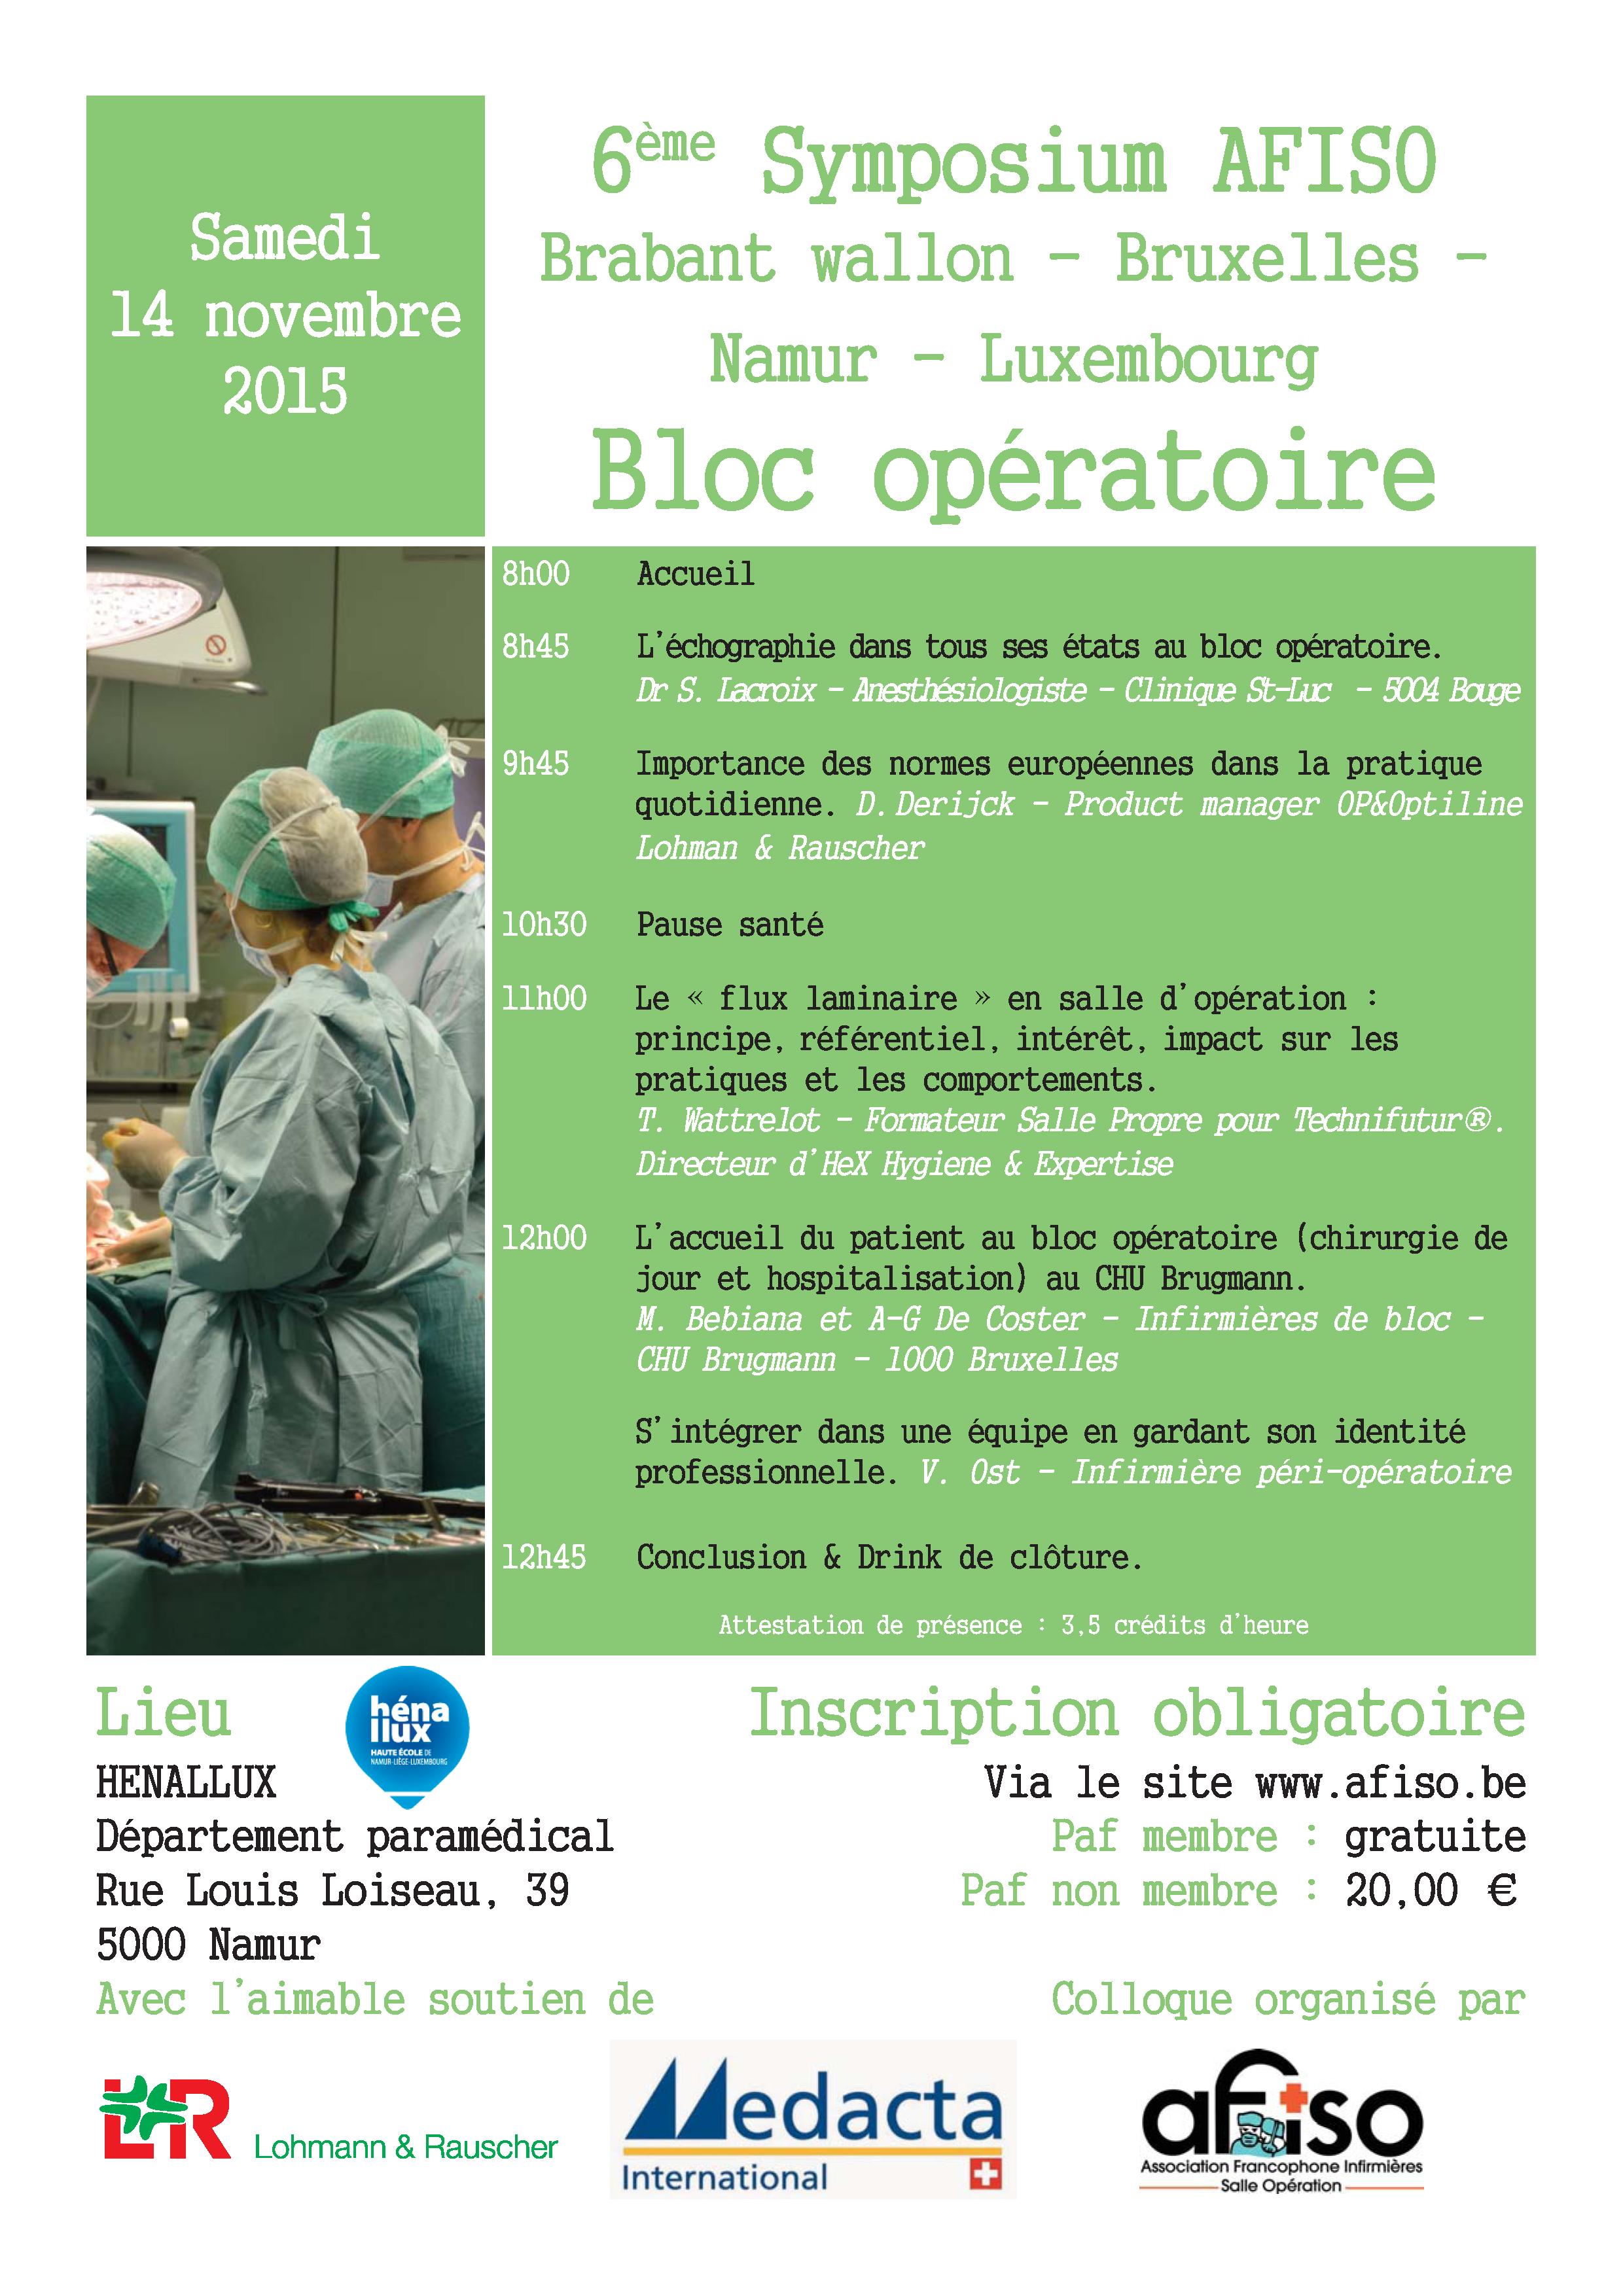 14 novembre 2015 : 6ème Symposium de la régionale AFISO Namur / Brabant / Bruxelles / Luxembourg